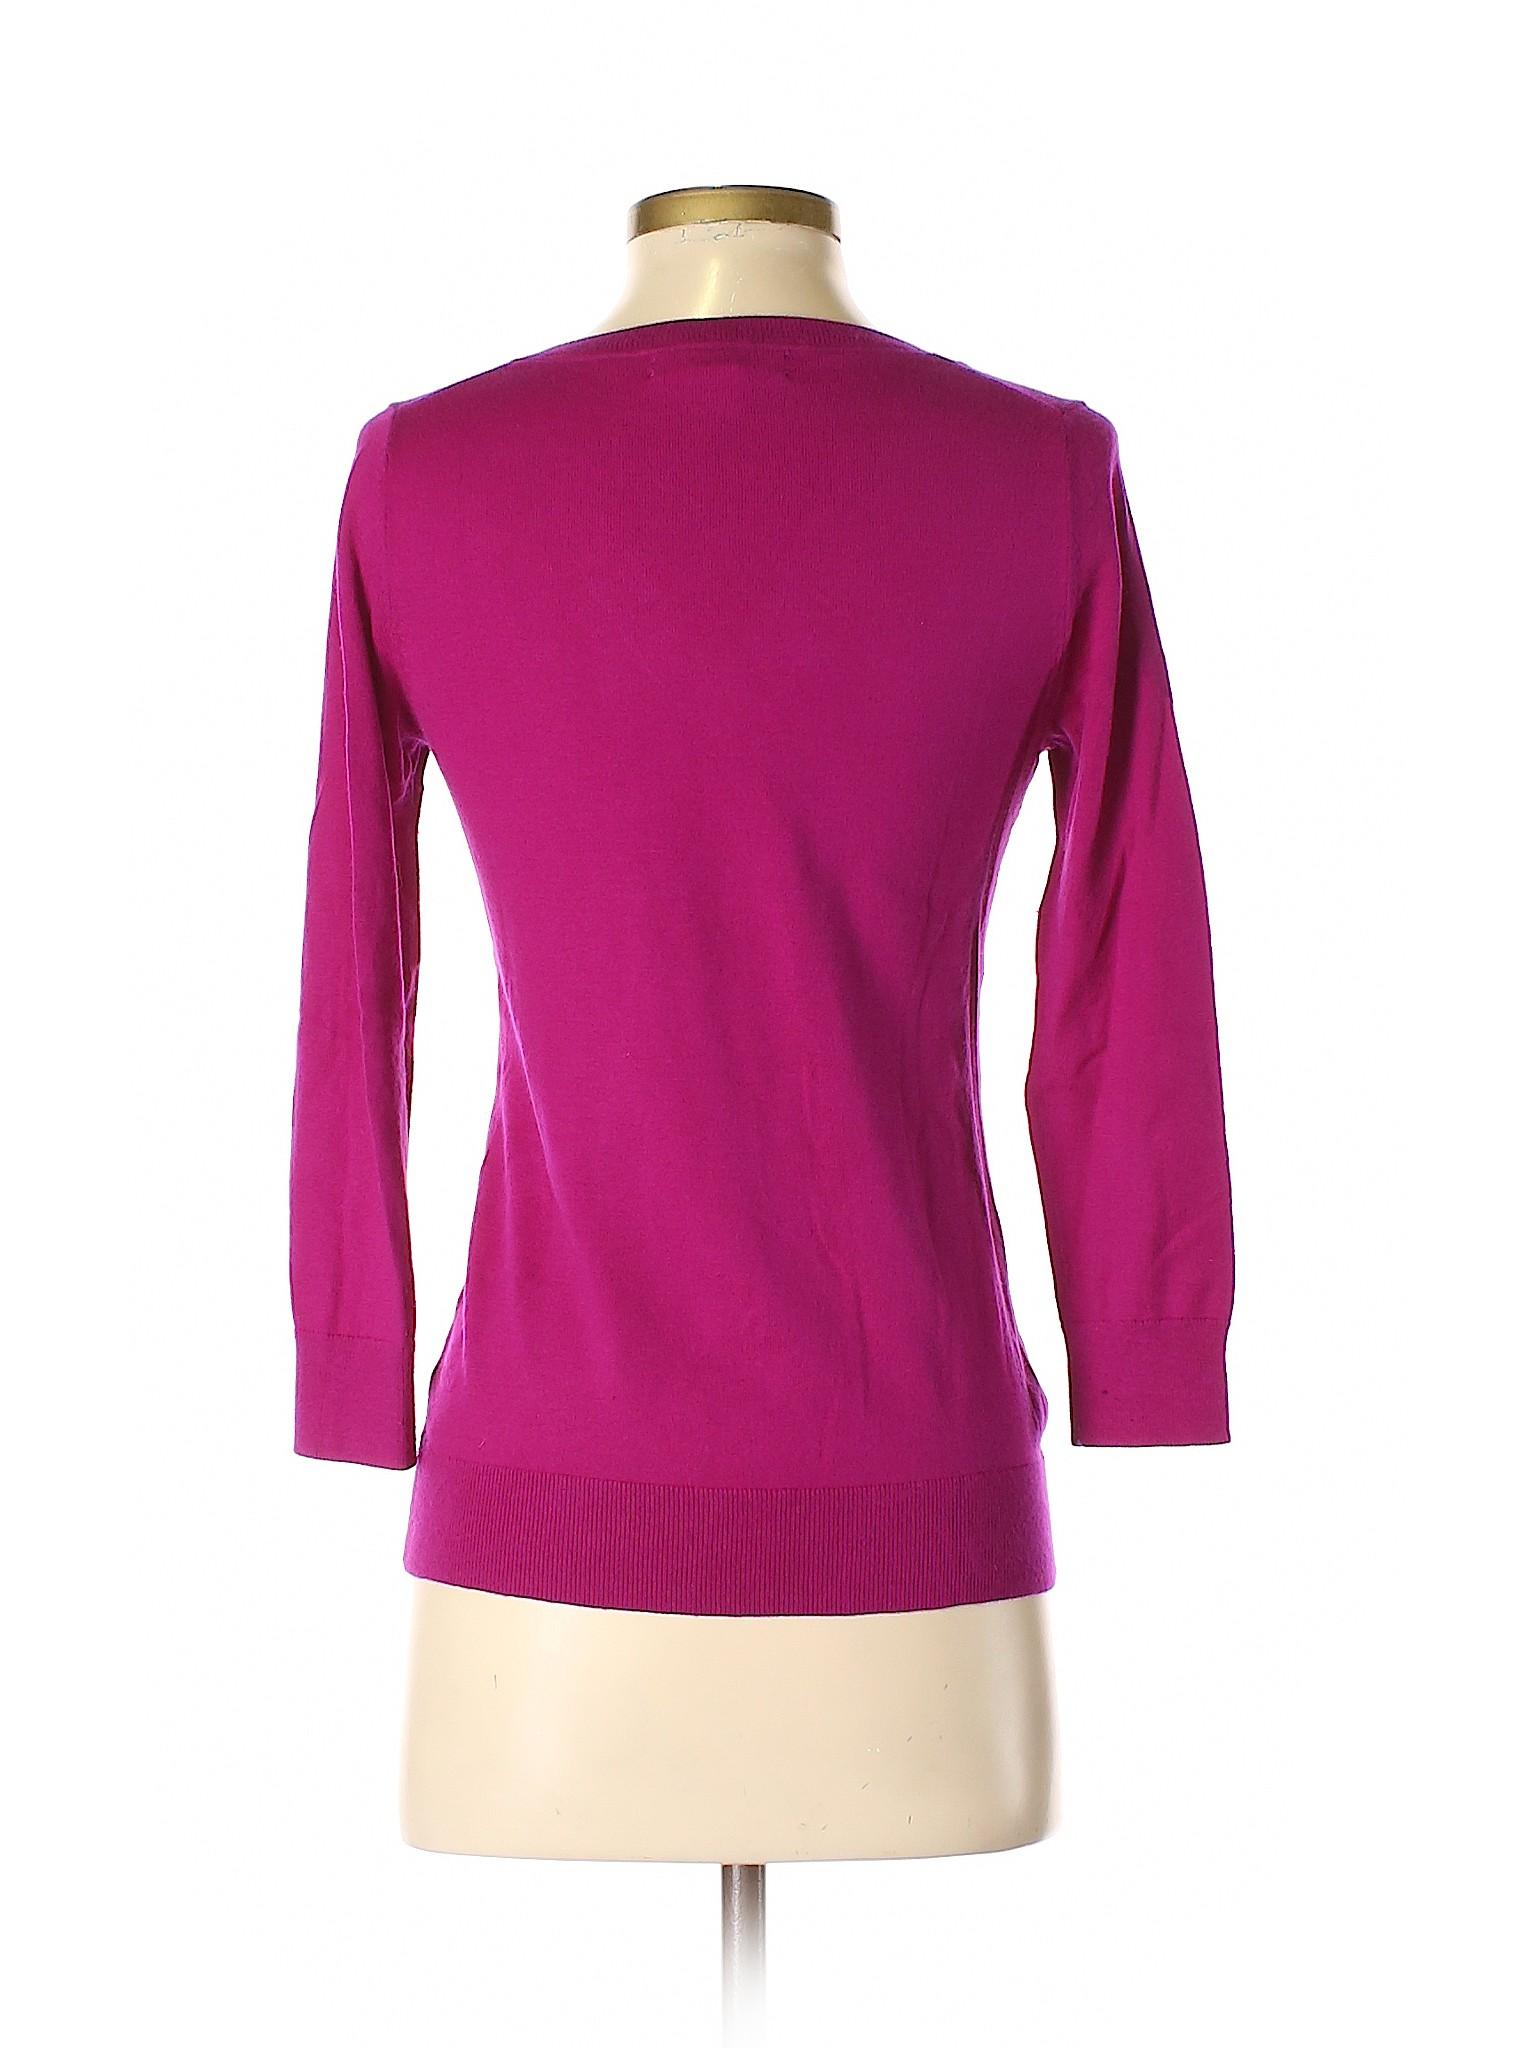 Silk Boutique Sweater Republic Banana Winter Pullover wOOAPpq